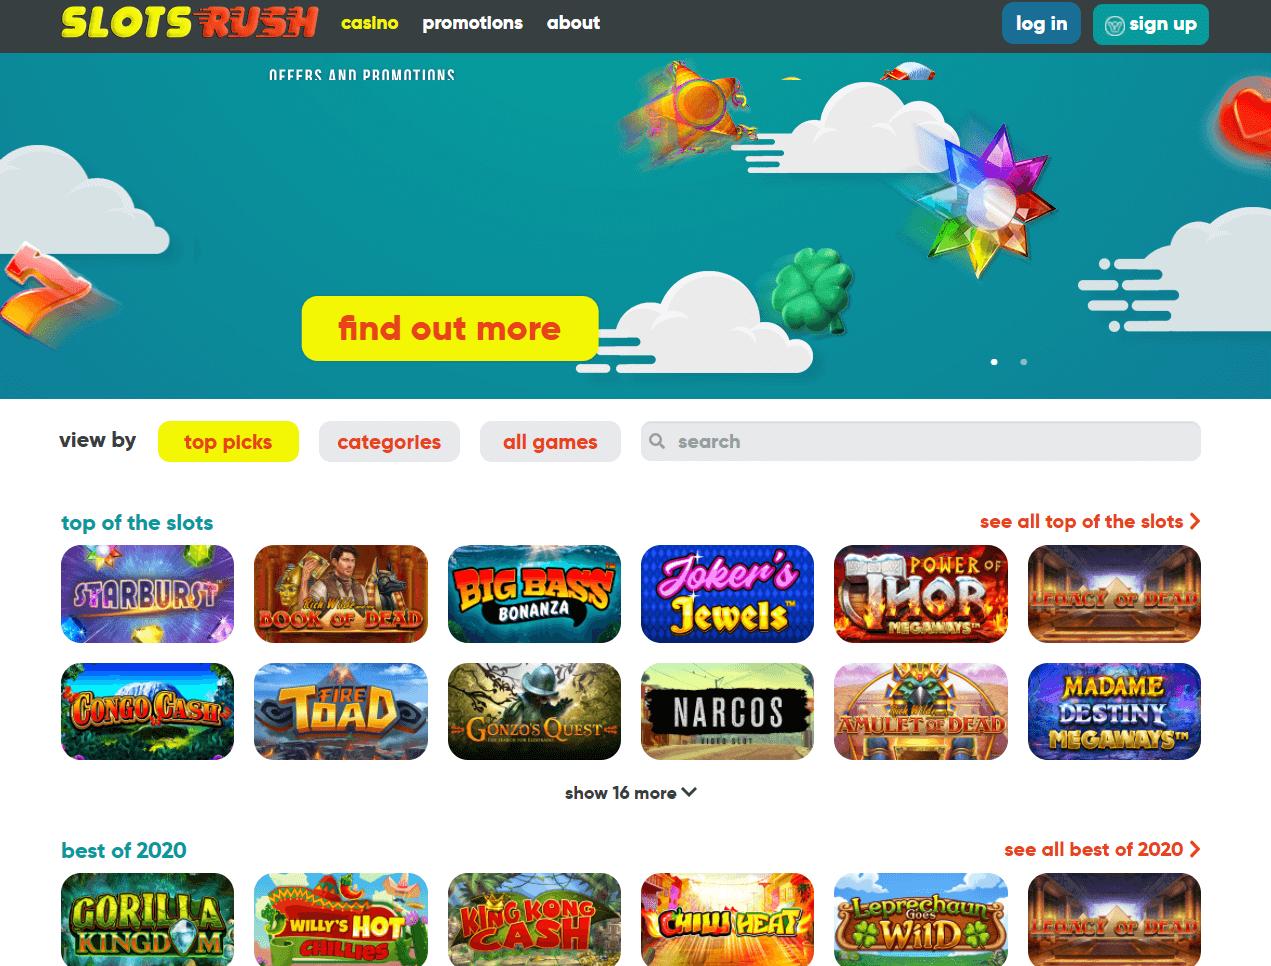 Slot Rush Casino